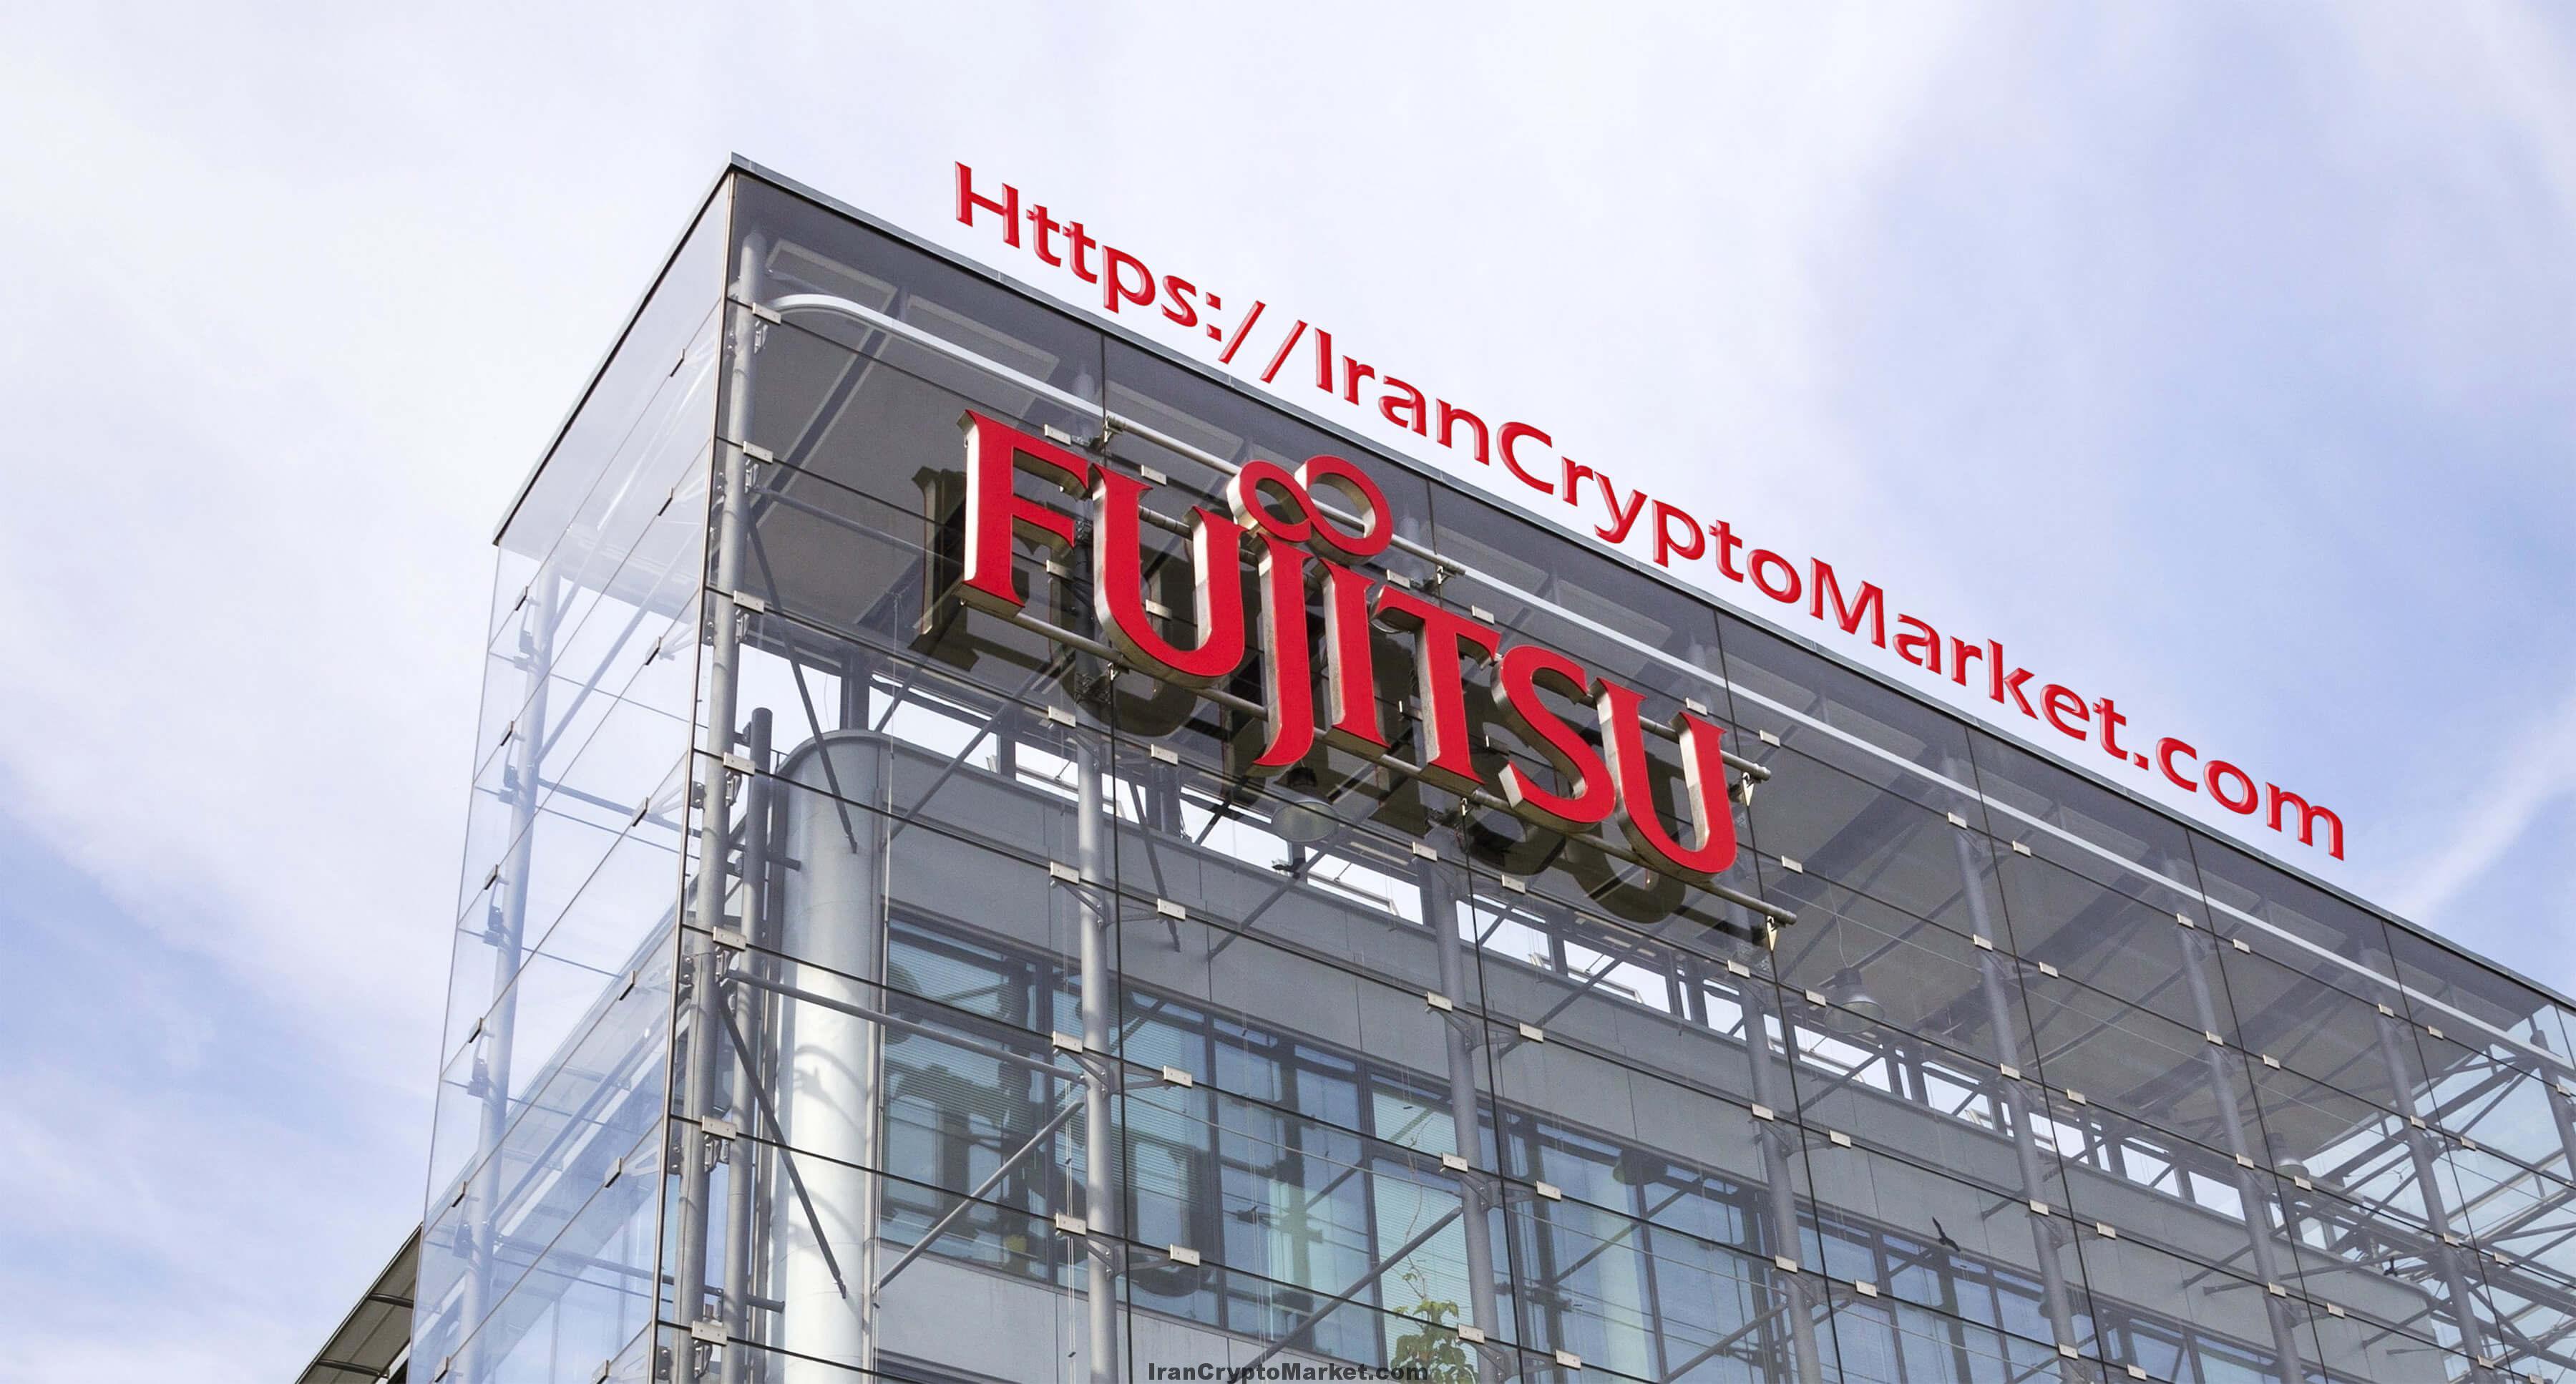 فوجیتسو درصدد کاهش ضریب خطای قراردادهای هوشمند است